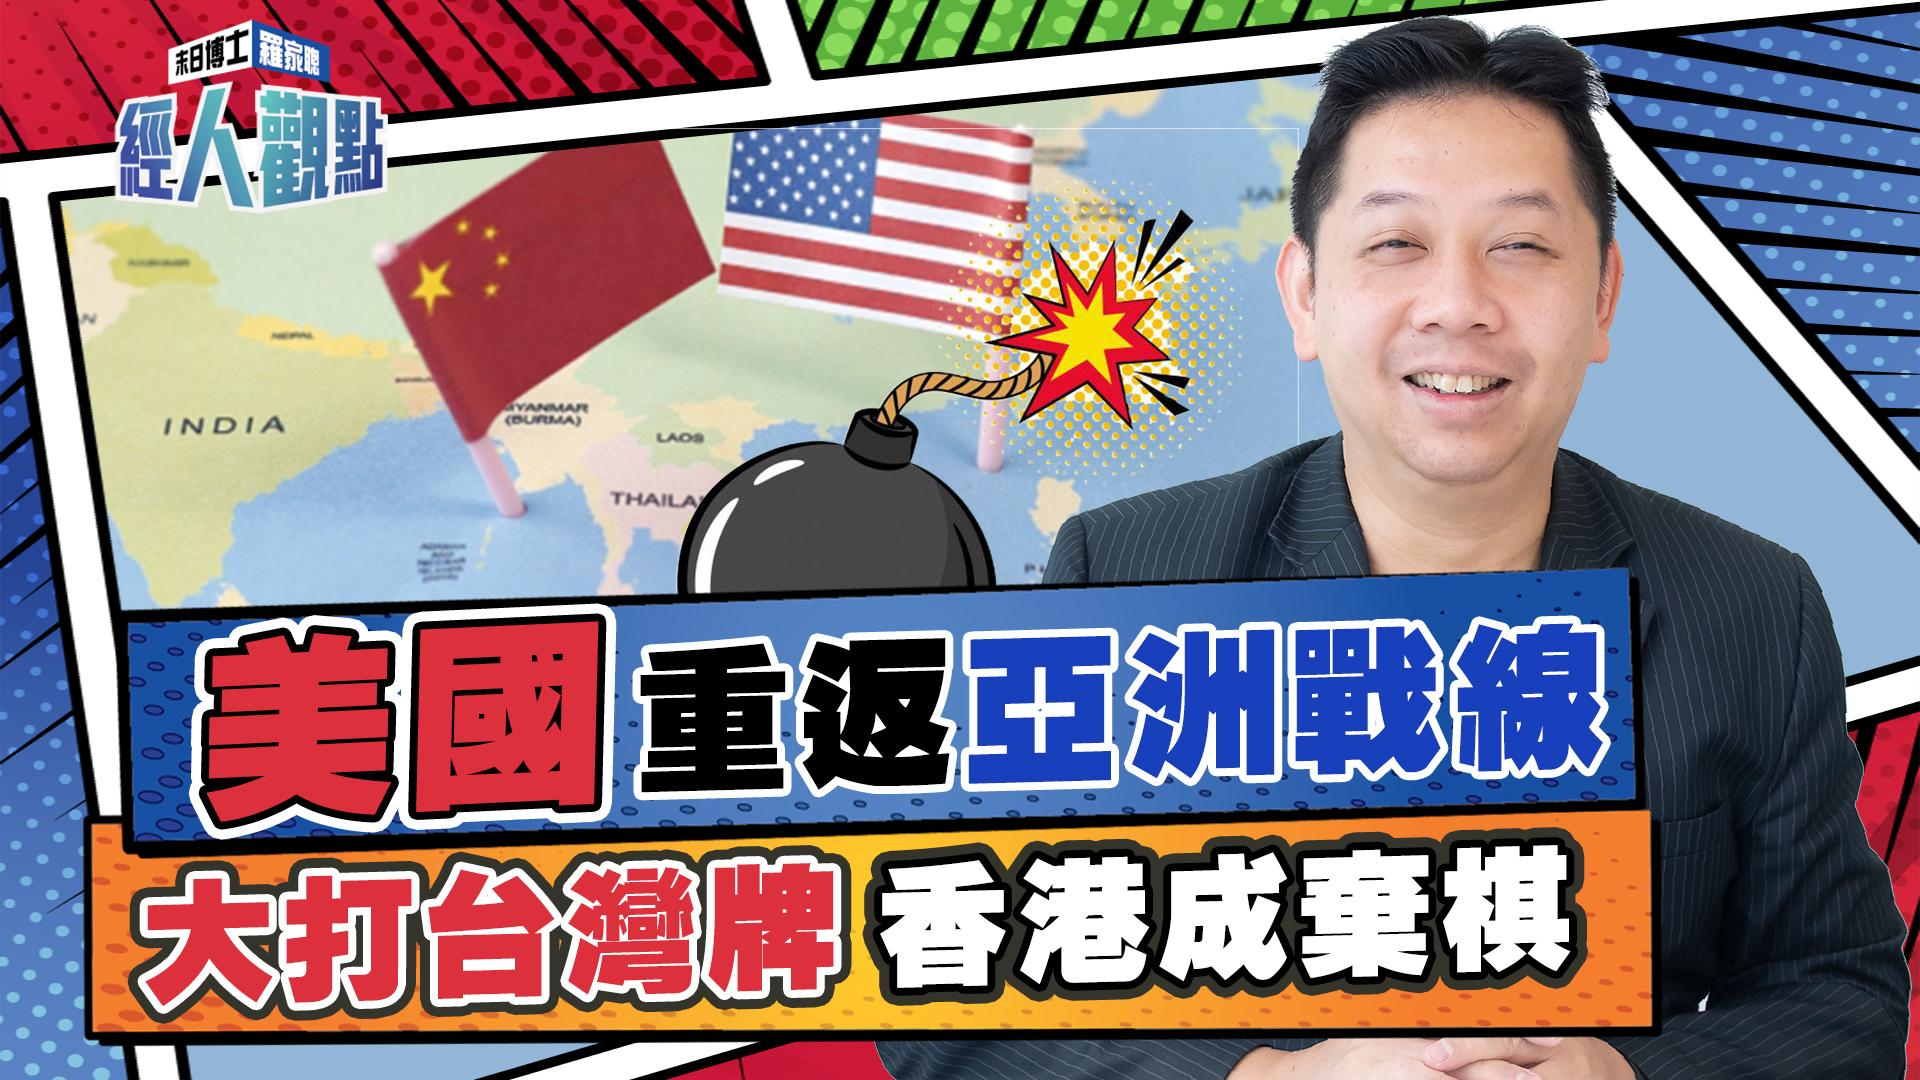 中美關係僵持不下 羅家聰:新冷戰下美國重返亞洲戰線 大打台灣牌 香港成棄棋;「金融戰」、「晶片戰」、「核戰」會否爆發?|中國人權|晶片荒|中美博弈|台積電【經人觀點】